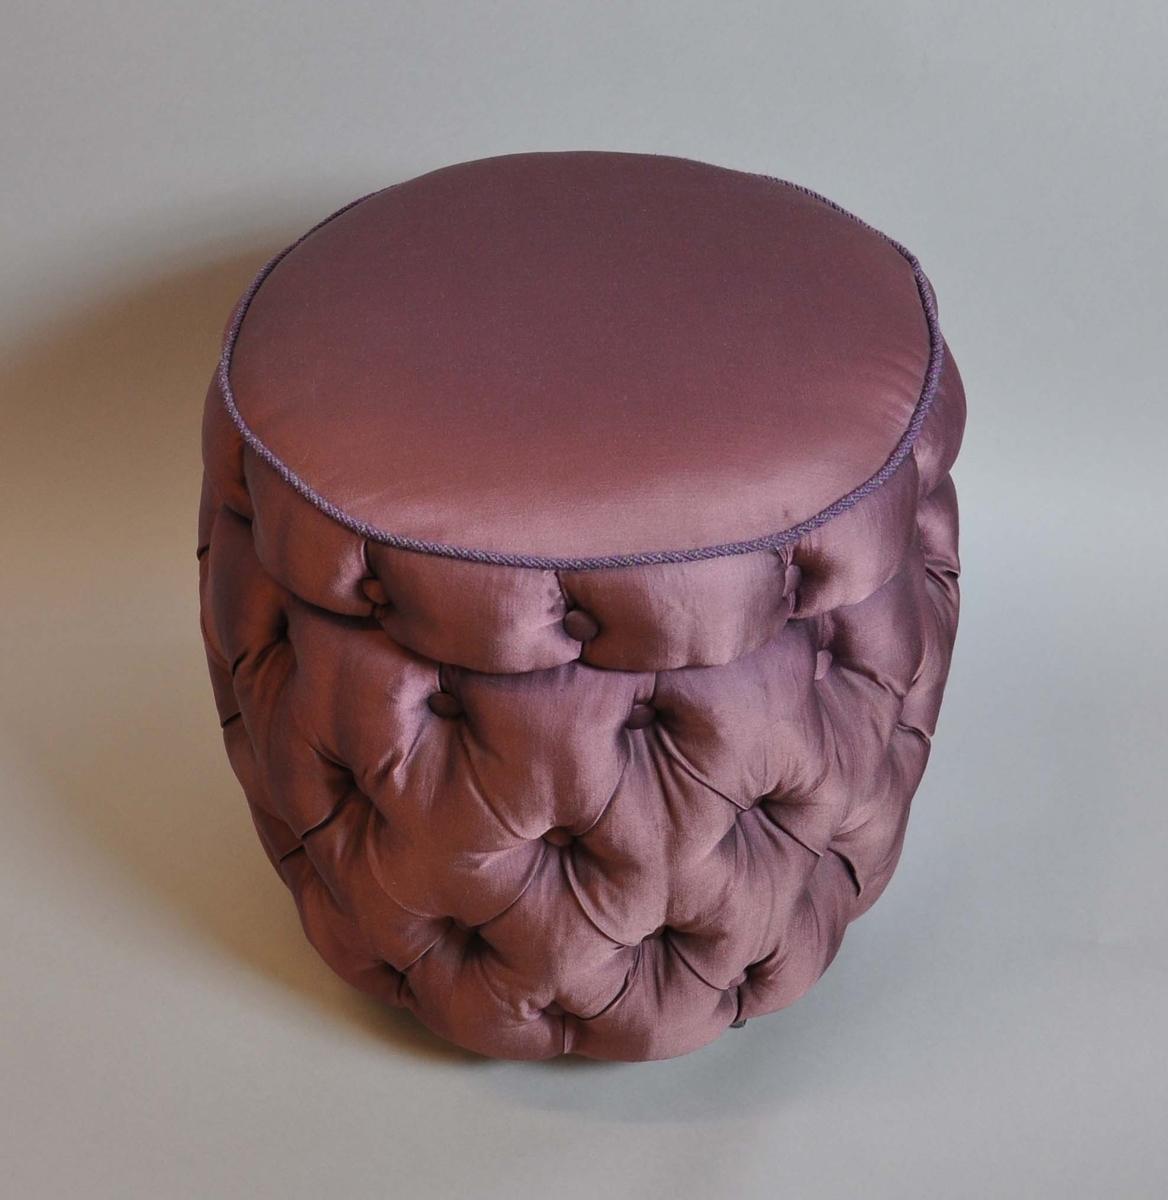 Puff med oppbevaringsrom. Puffen er trukket med silkelignende tekstil i lille farge. Puff og sete har innsydde, dekorative knapper. Puffen har tre hjul av metall. Setet er hengslet og kan åpnes, under setet er det et oppbevaringsrom.